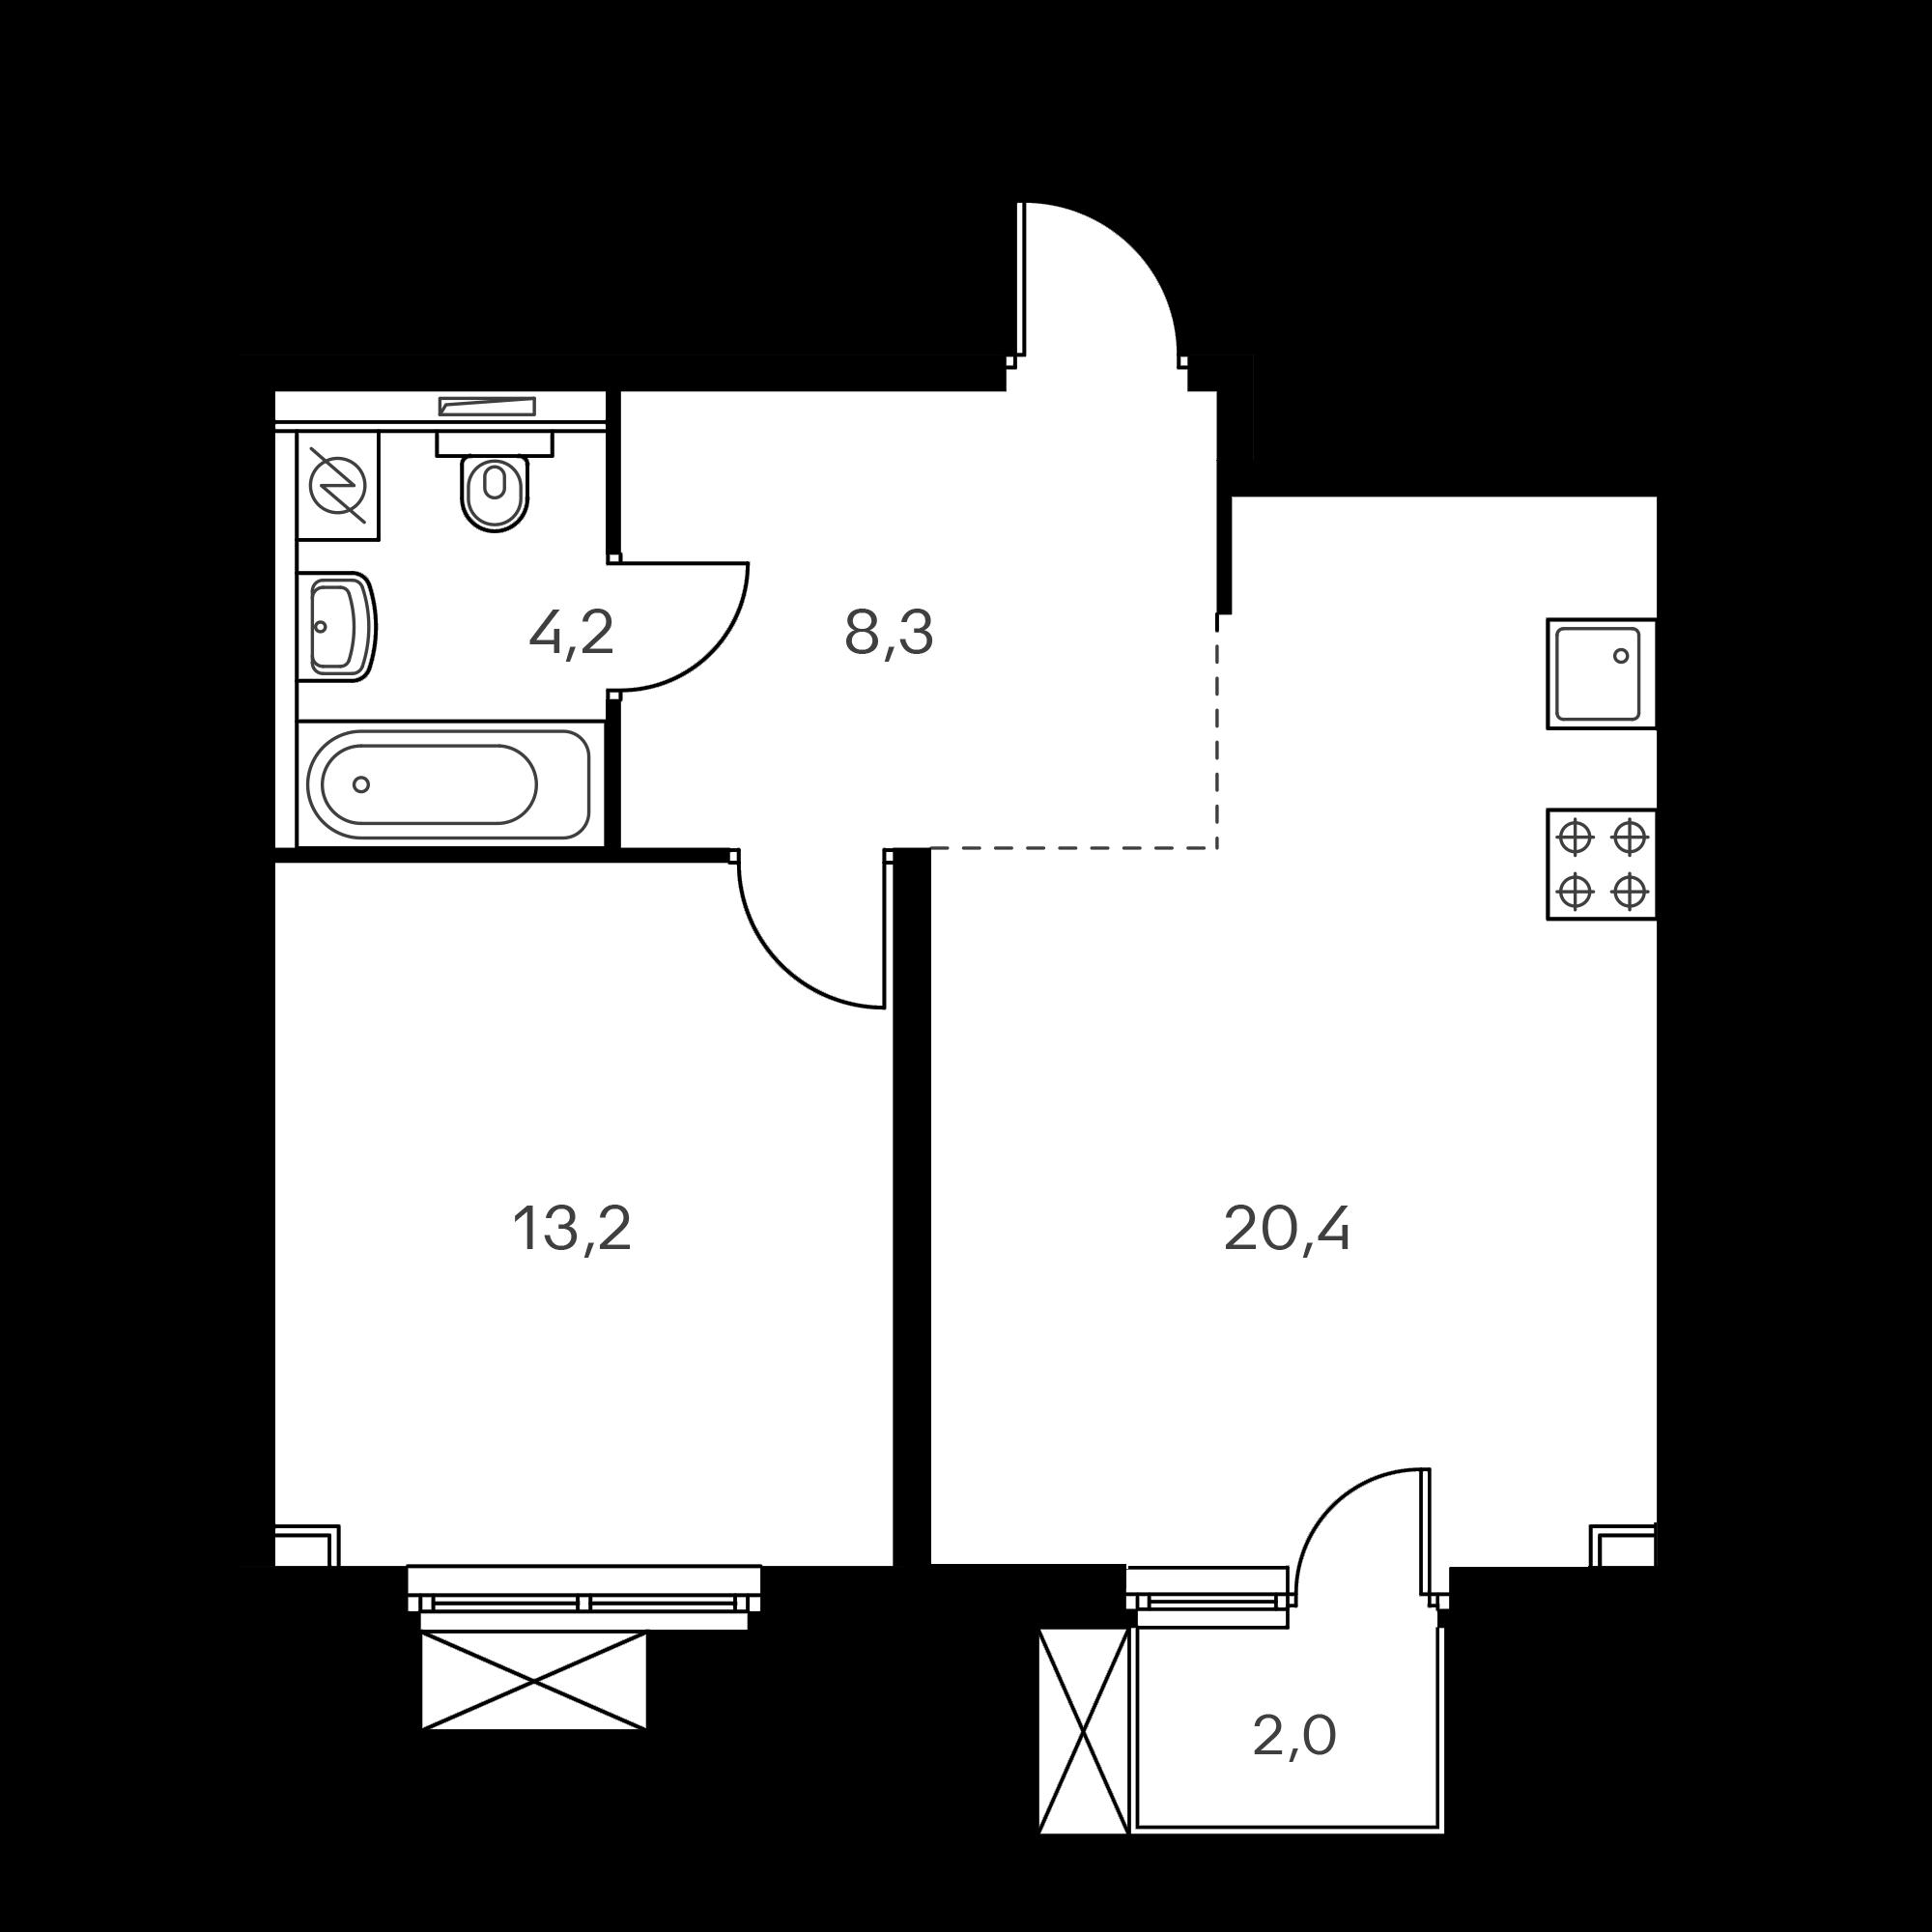 1EL4_7.8-1_B(K-2,0)